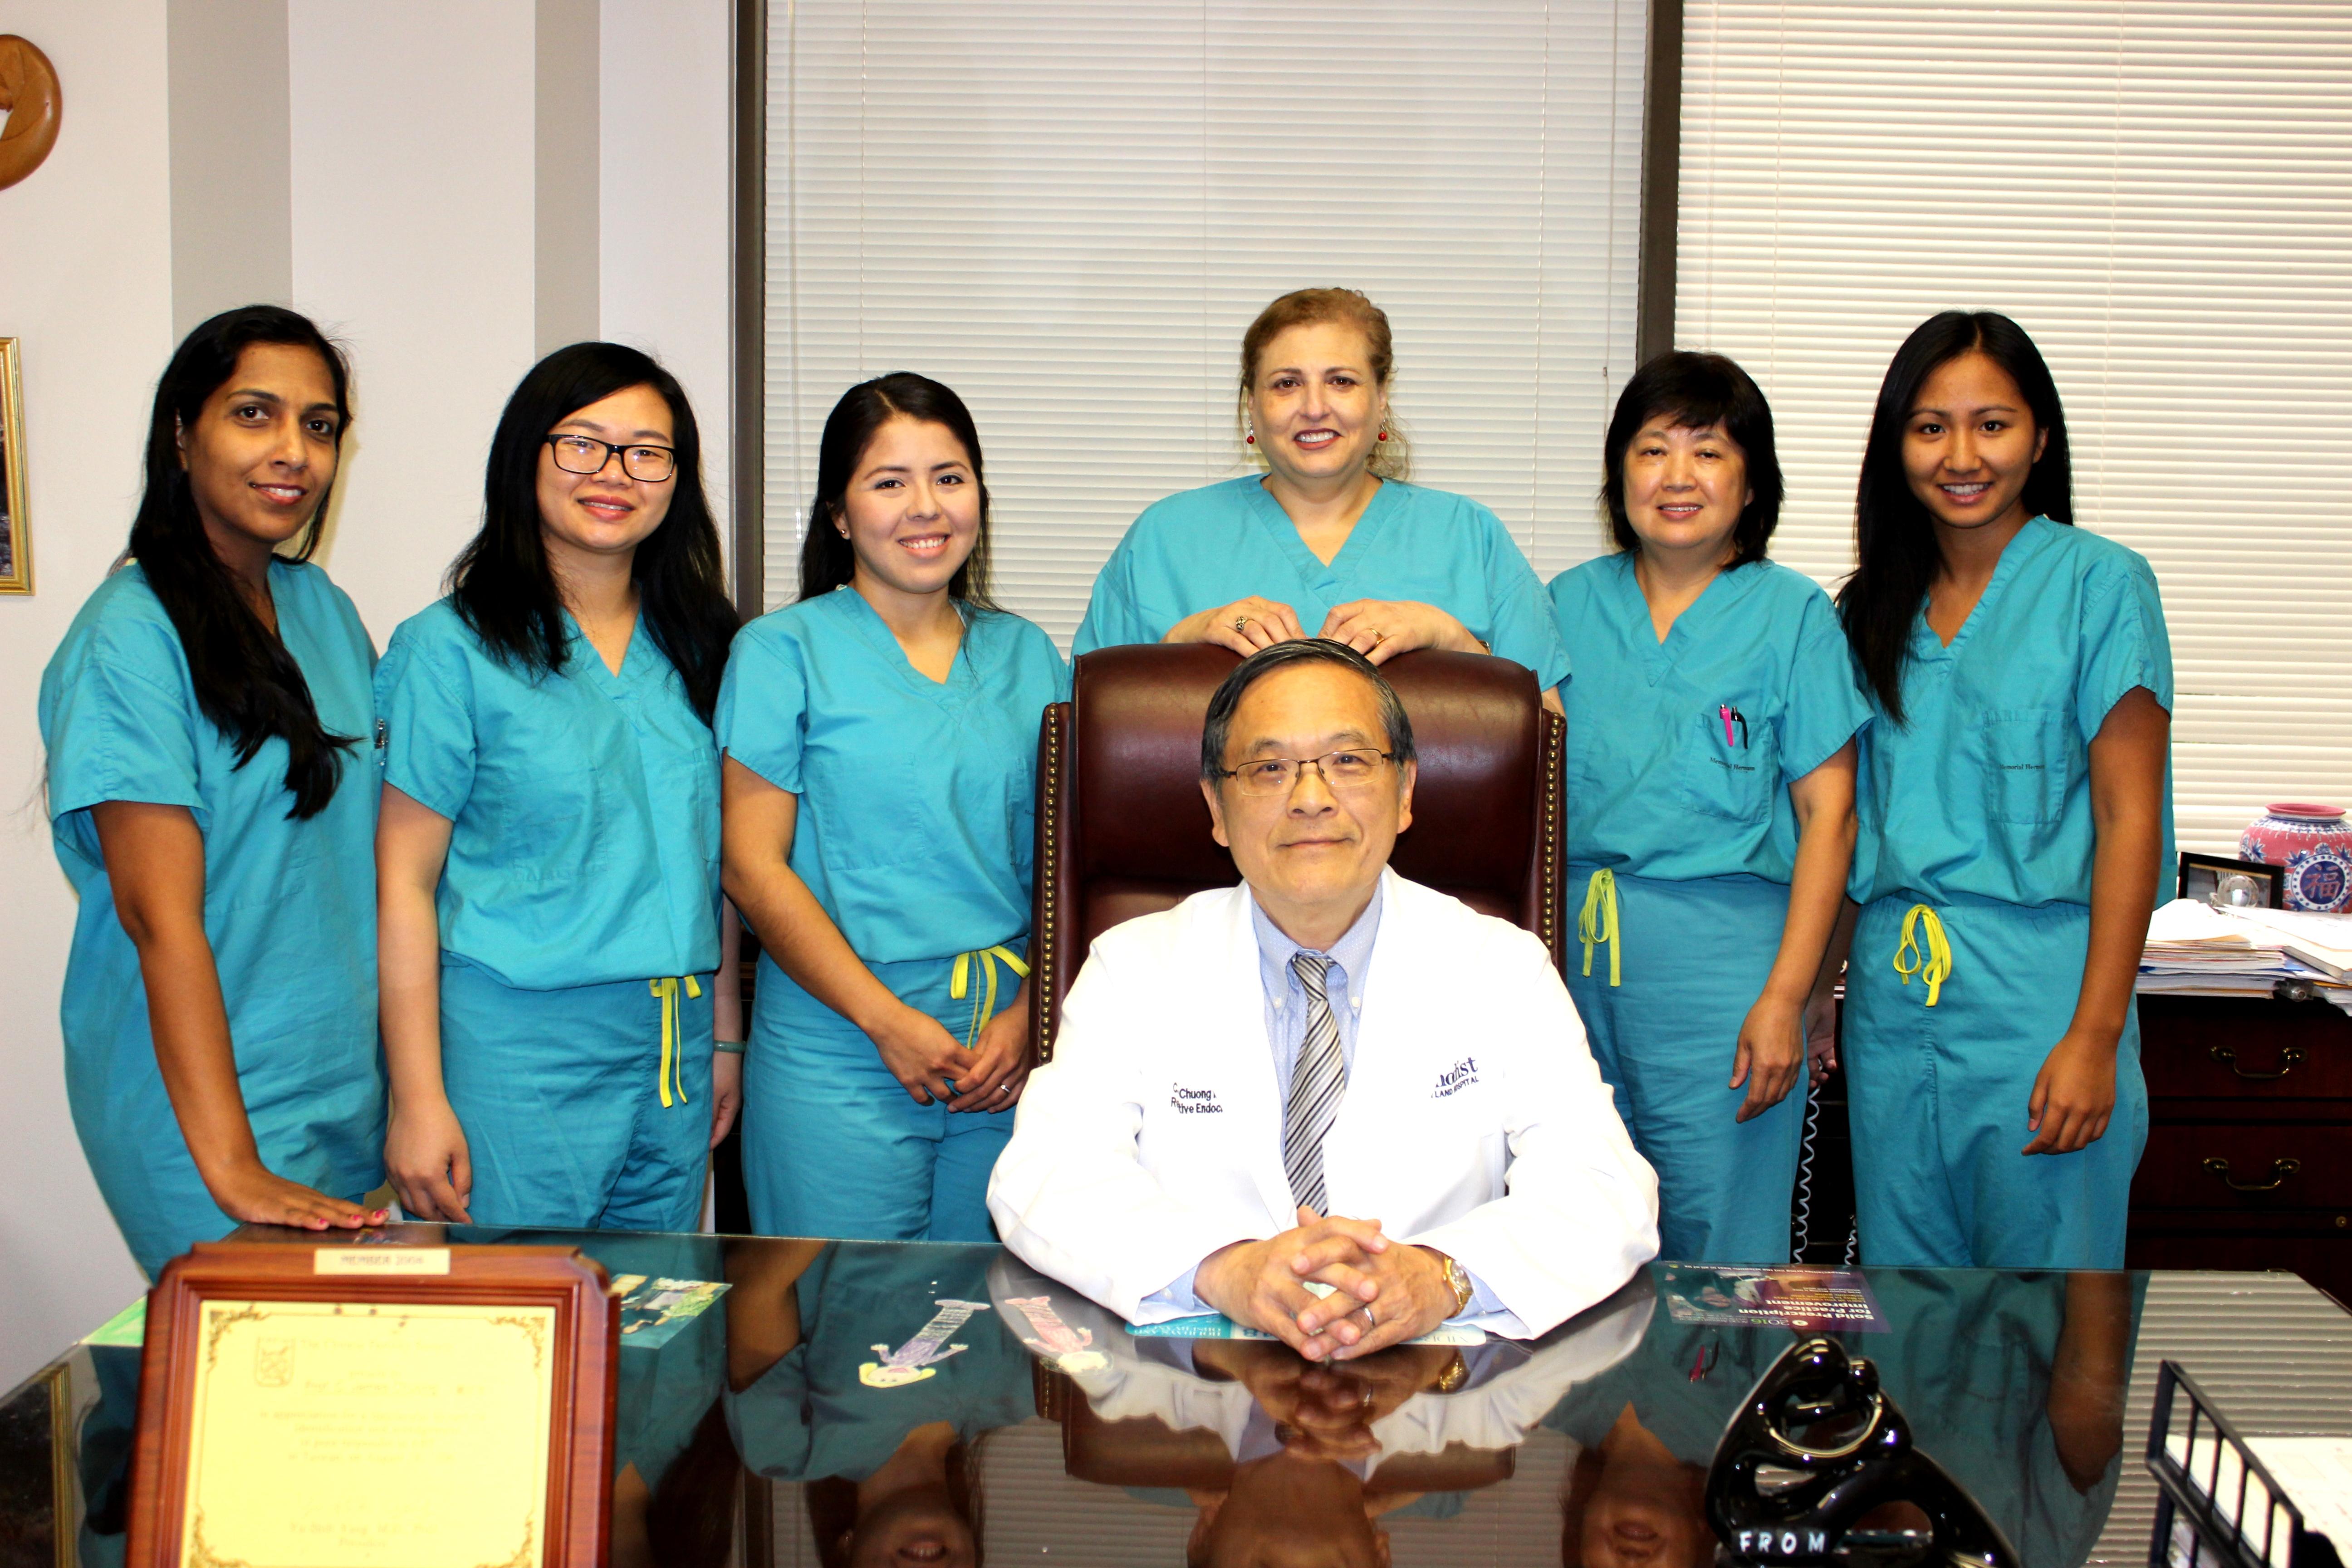 休士頓庫柏生殖醫學中心醫療團隊。